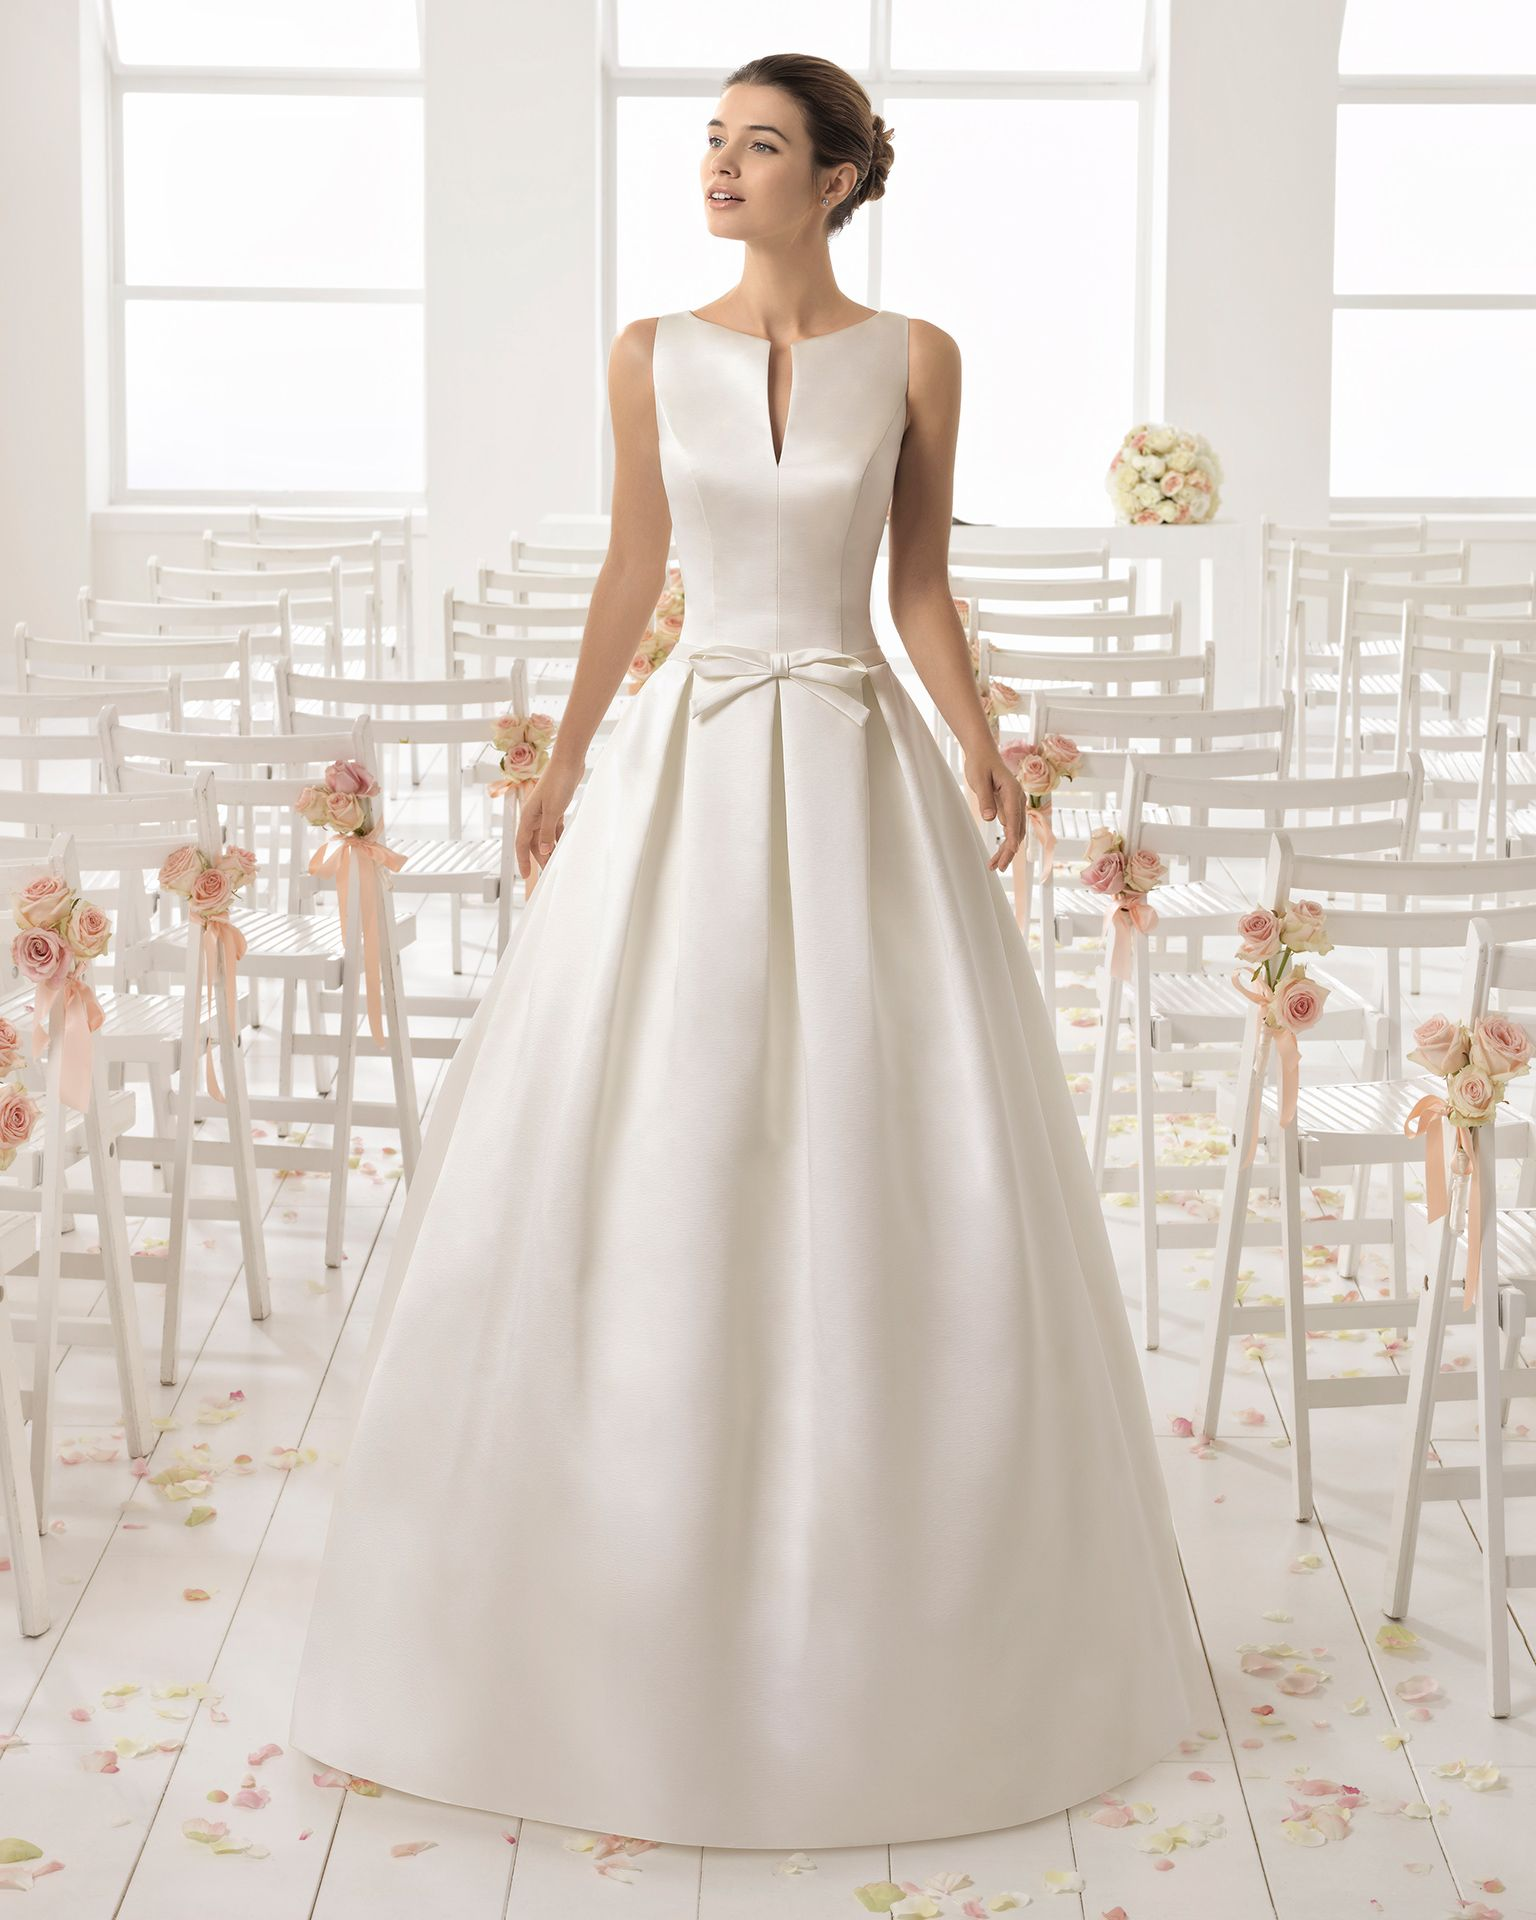 Vestido de noiva estilo clássico de cetim duquesa e decote tipo barco com abertura à frente com laço na cintura em cor marfim.